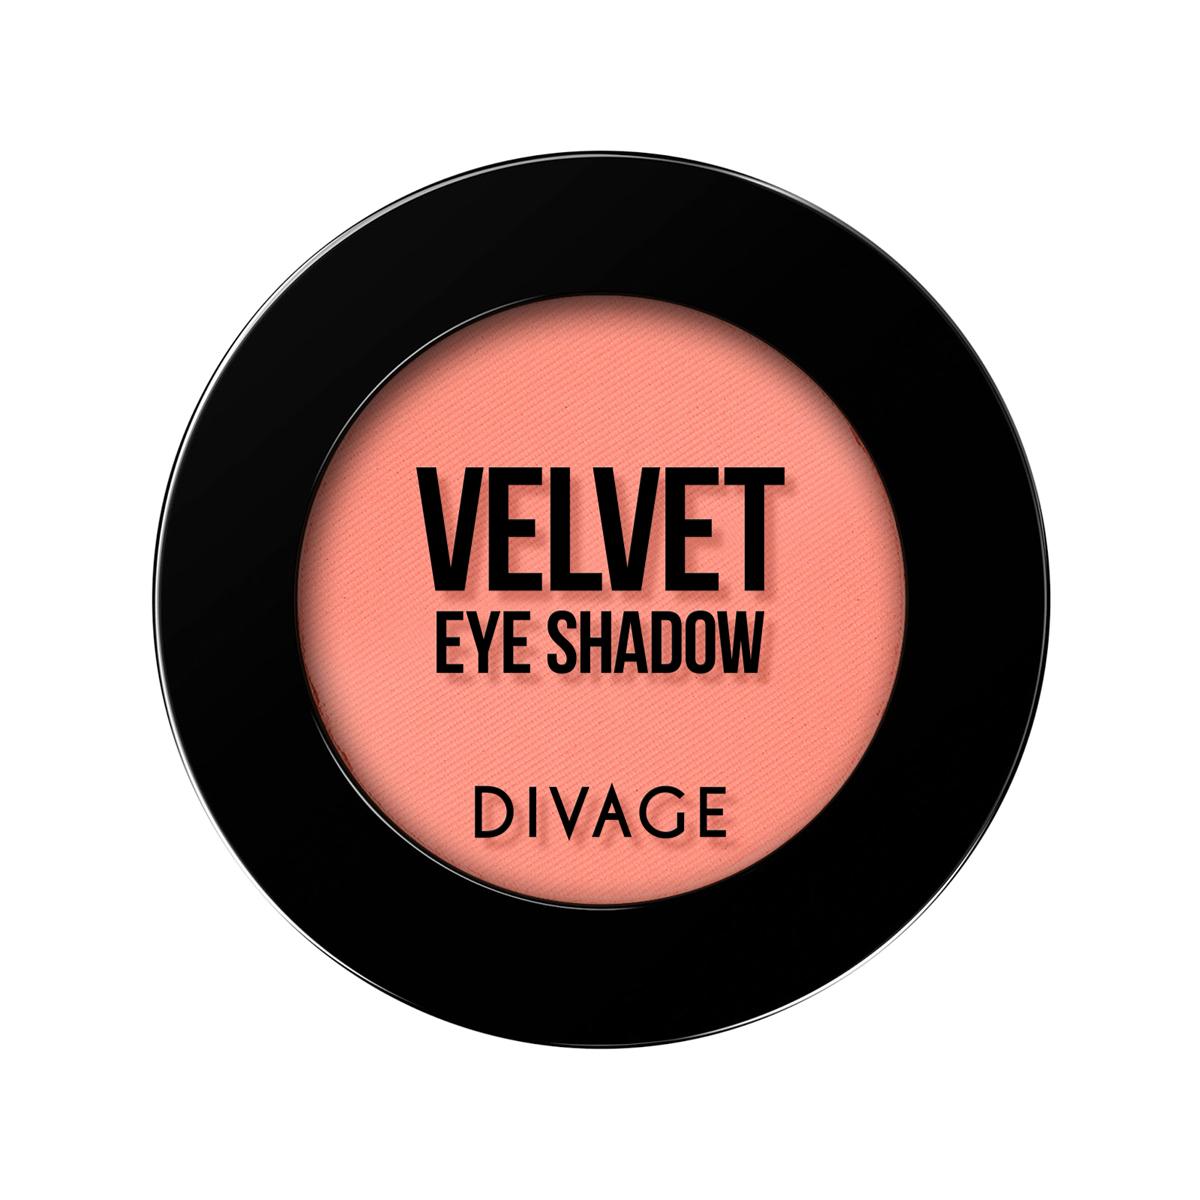 DIVAGE Матовые одноцветные тени для век VELVET , тон № 7321, 3 гр.007949Благородство матовых оттенков на ваших глазах Хочешь профессиональный макияж в домашних условиях?! Тогда матовые тени VELVET это, то, что тебе нужно, главный тренд в макияже, насыщенные оттенки, профессиональные текстуры, ультра-стойкий эффект. Всё это было секретом визажистов, теперь этот секрет доступен и тебе! Палитра из 15 оттенков, позволяет создать великолепный образ для любого события. Текстура теней VELVET напоминает бархат, благодаря своей шелковистой формуле тени легко растушевываются по поверхности века, позволяя комбинировать между собой все оттенки палитры. Тени идеально подходят для жирной кожи век, за счёт своей плотной пудровой текстуры тени не осыпаются и не собираются в складках века, сохраняя идеально ровное покрытие до 8 часов. СОВЕТ DIVAGE: Используя тени для макияжа глаз от DIVAGE, ты легко можешь меняться каждый день, создавая различные образы. Но как выбрать свой оттенок в таком многообразии? Выбирай контрастные оттенки теней к твоему цвету глаз. Карие глаза...